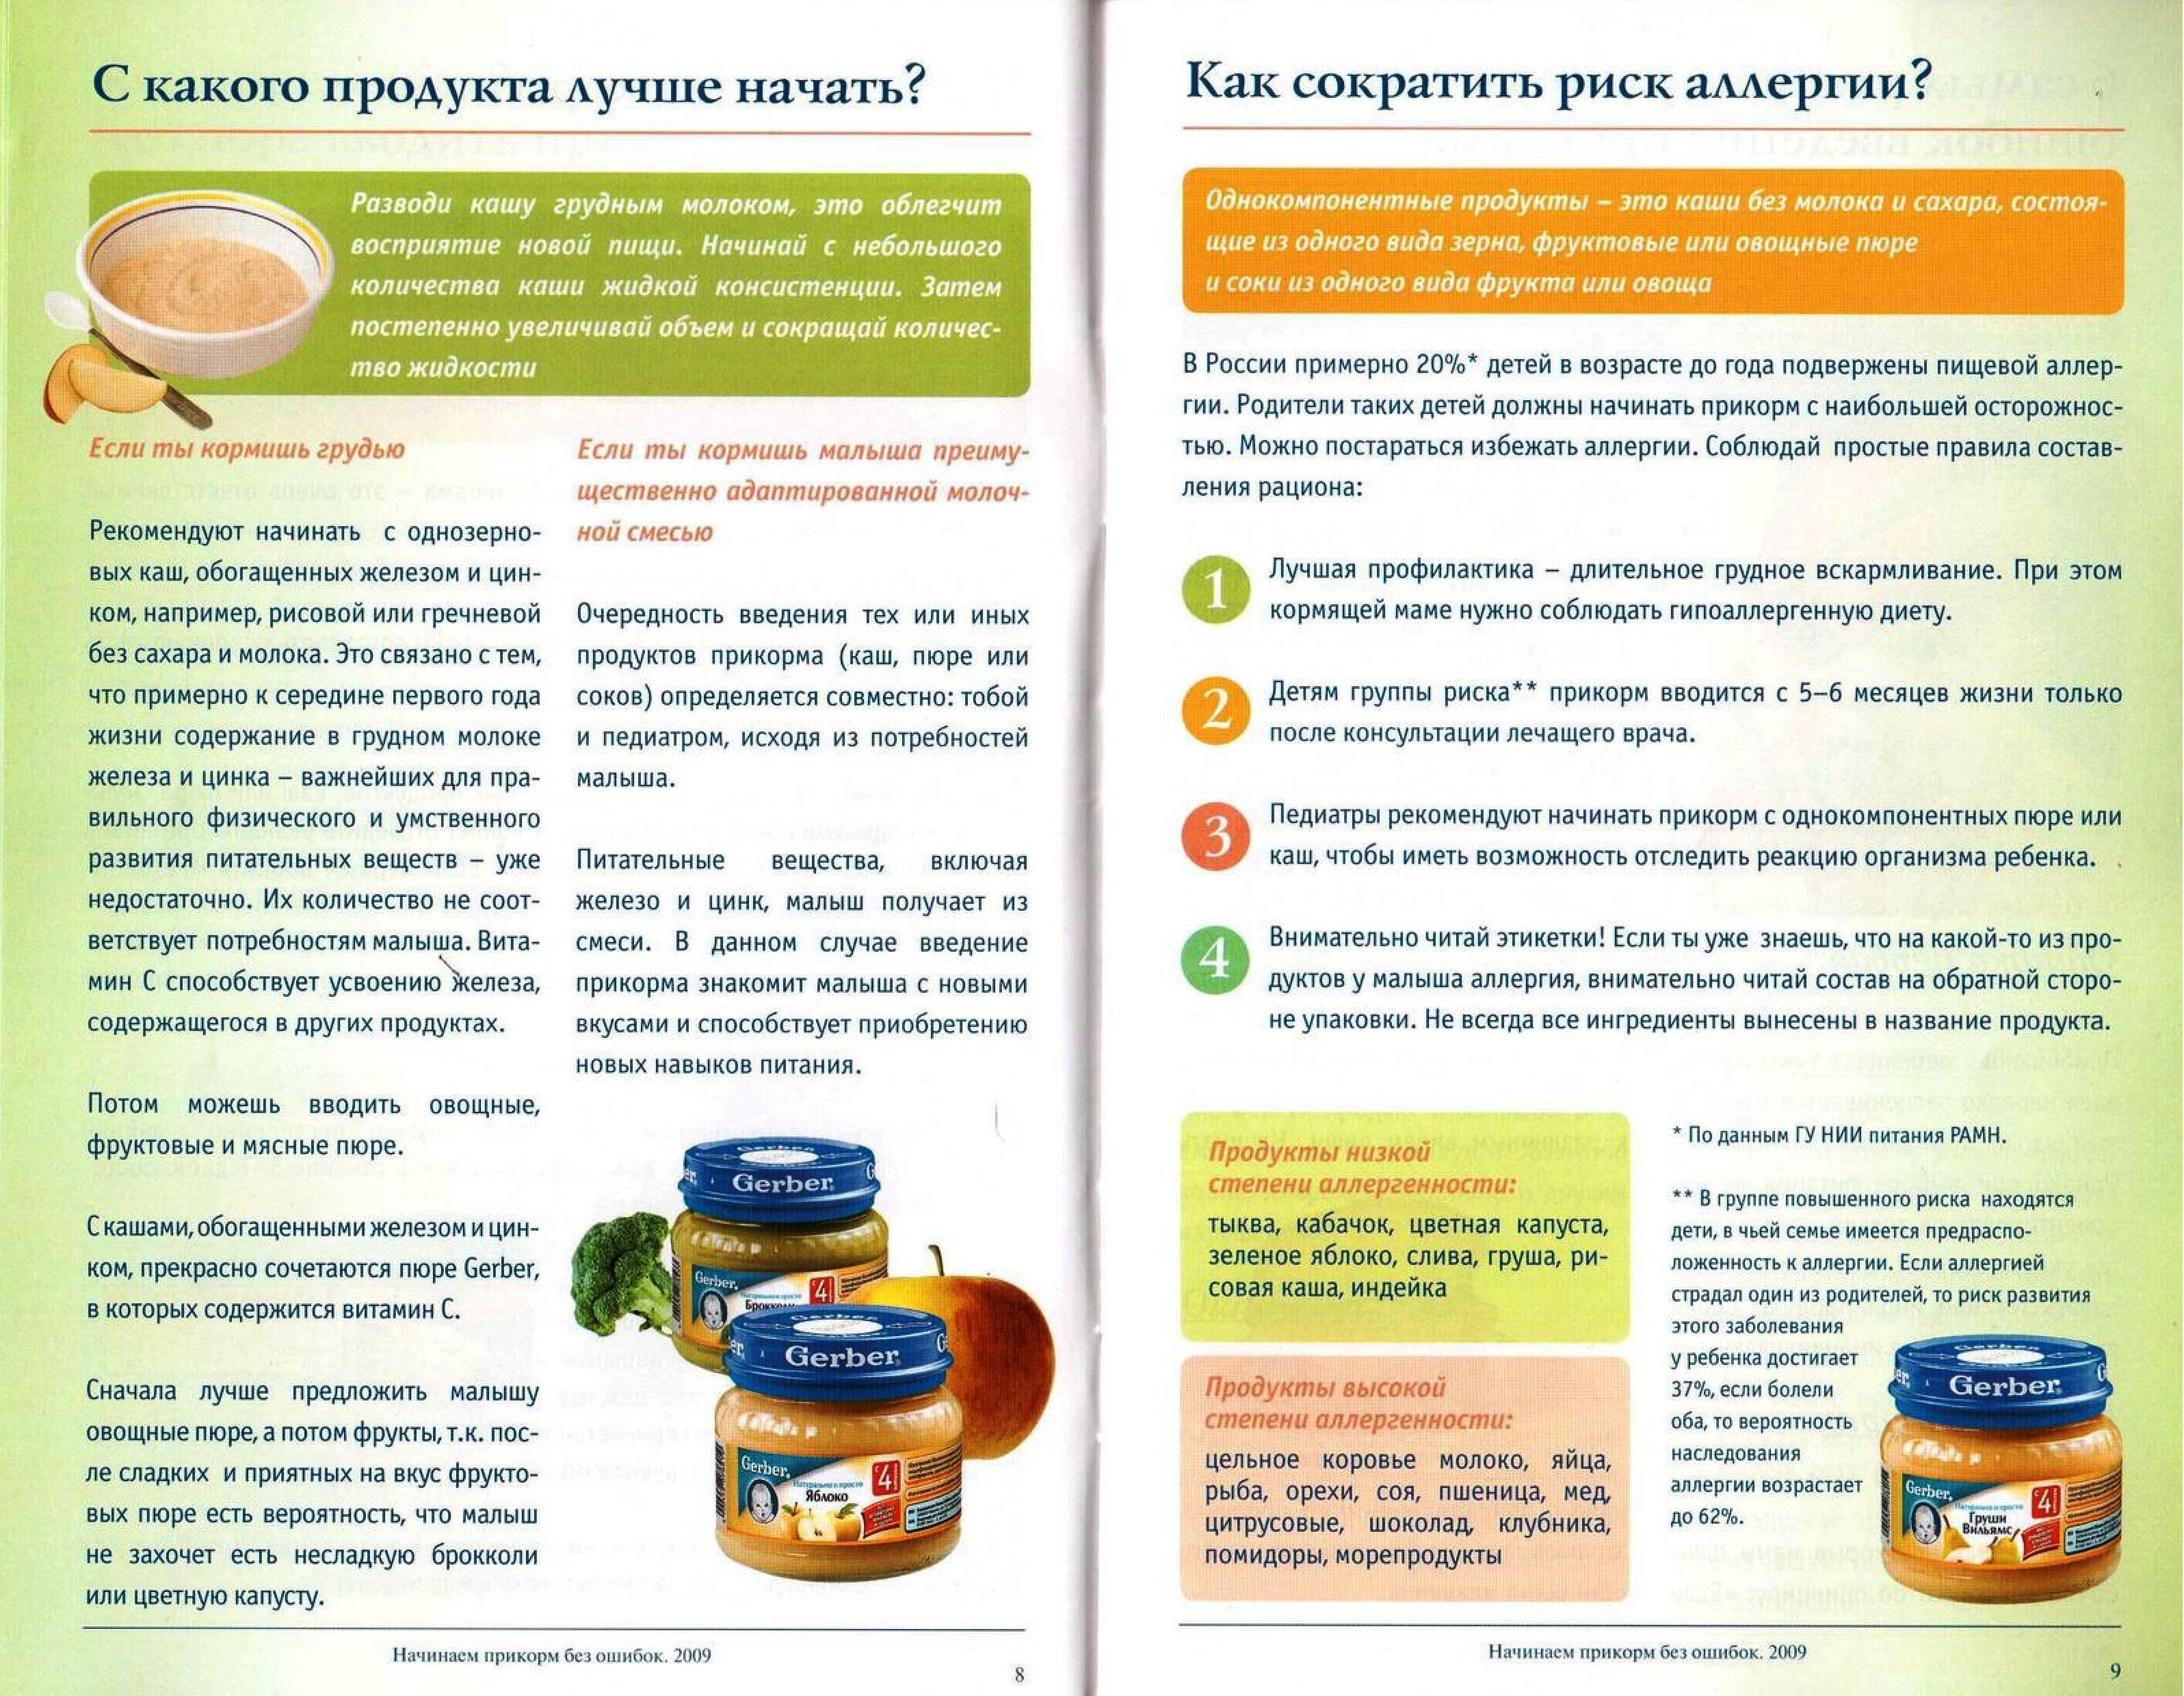 Фрукты для детей. что можно ребенку до года, какие фрукты для малышей?